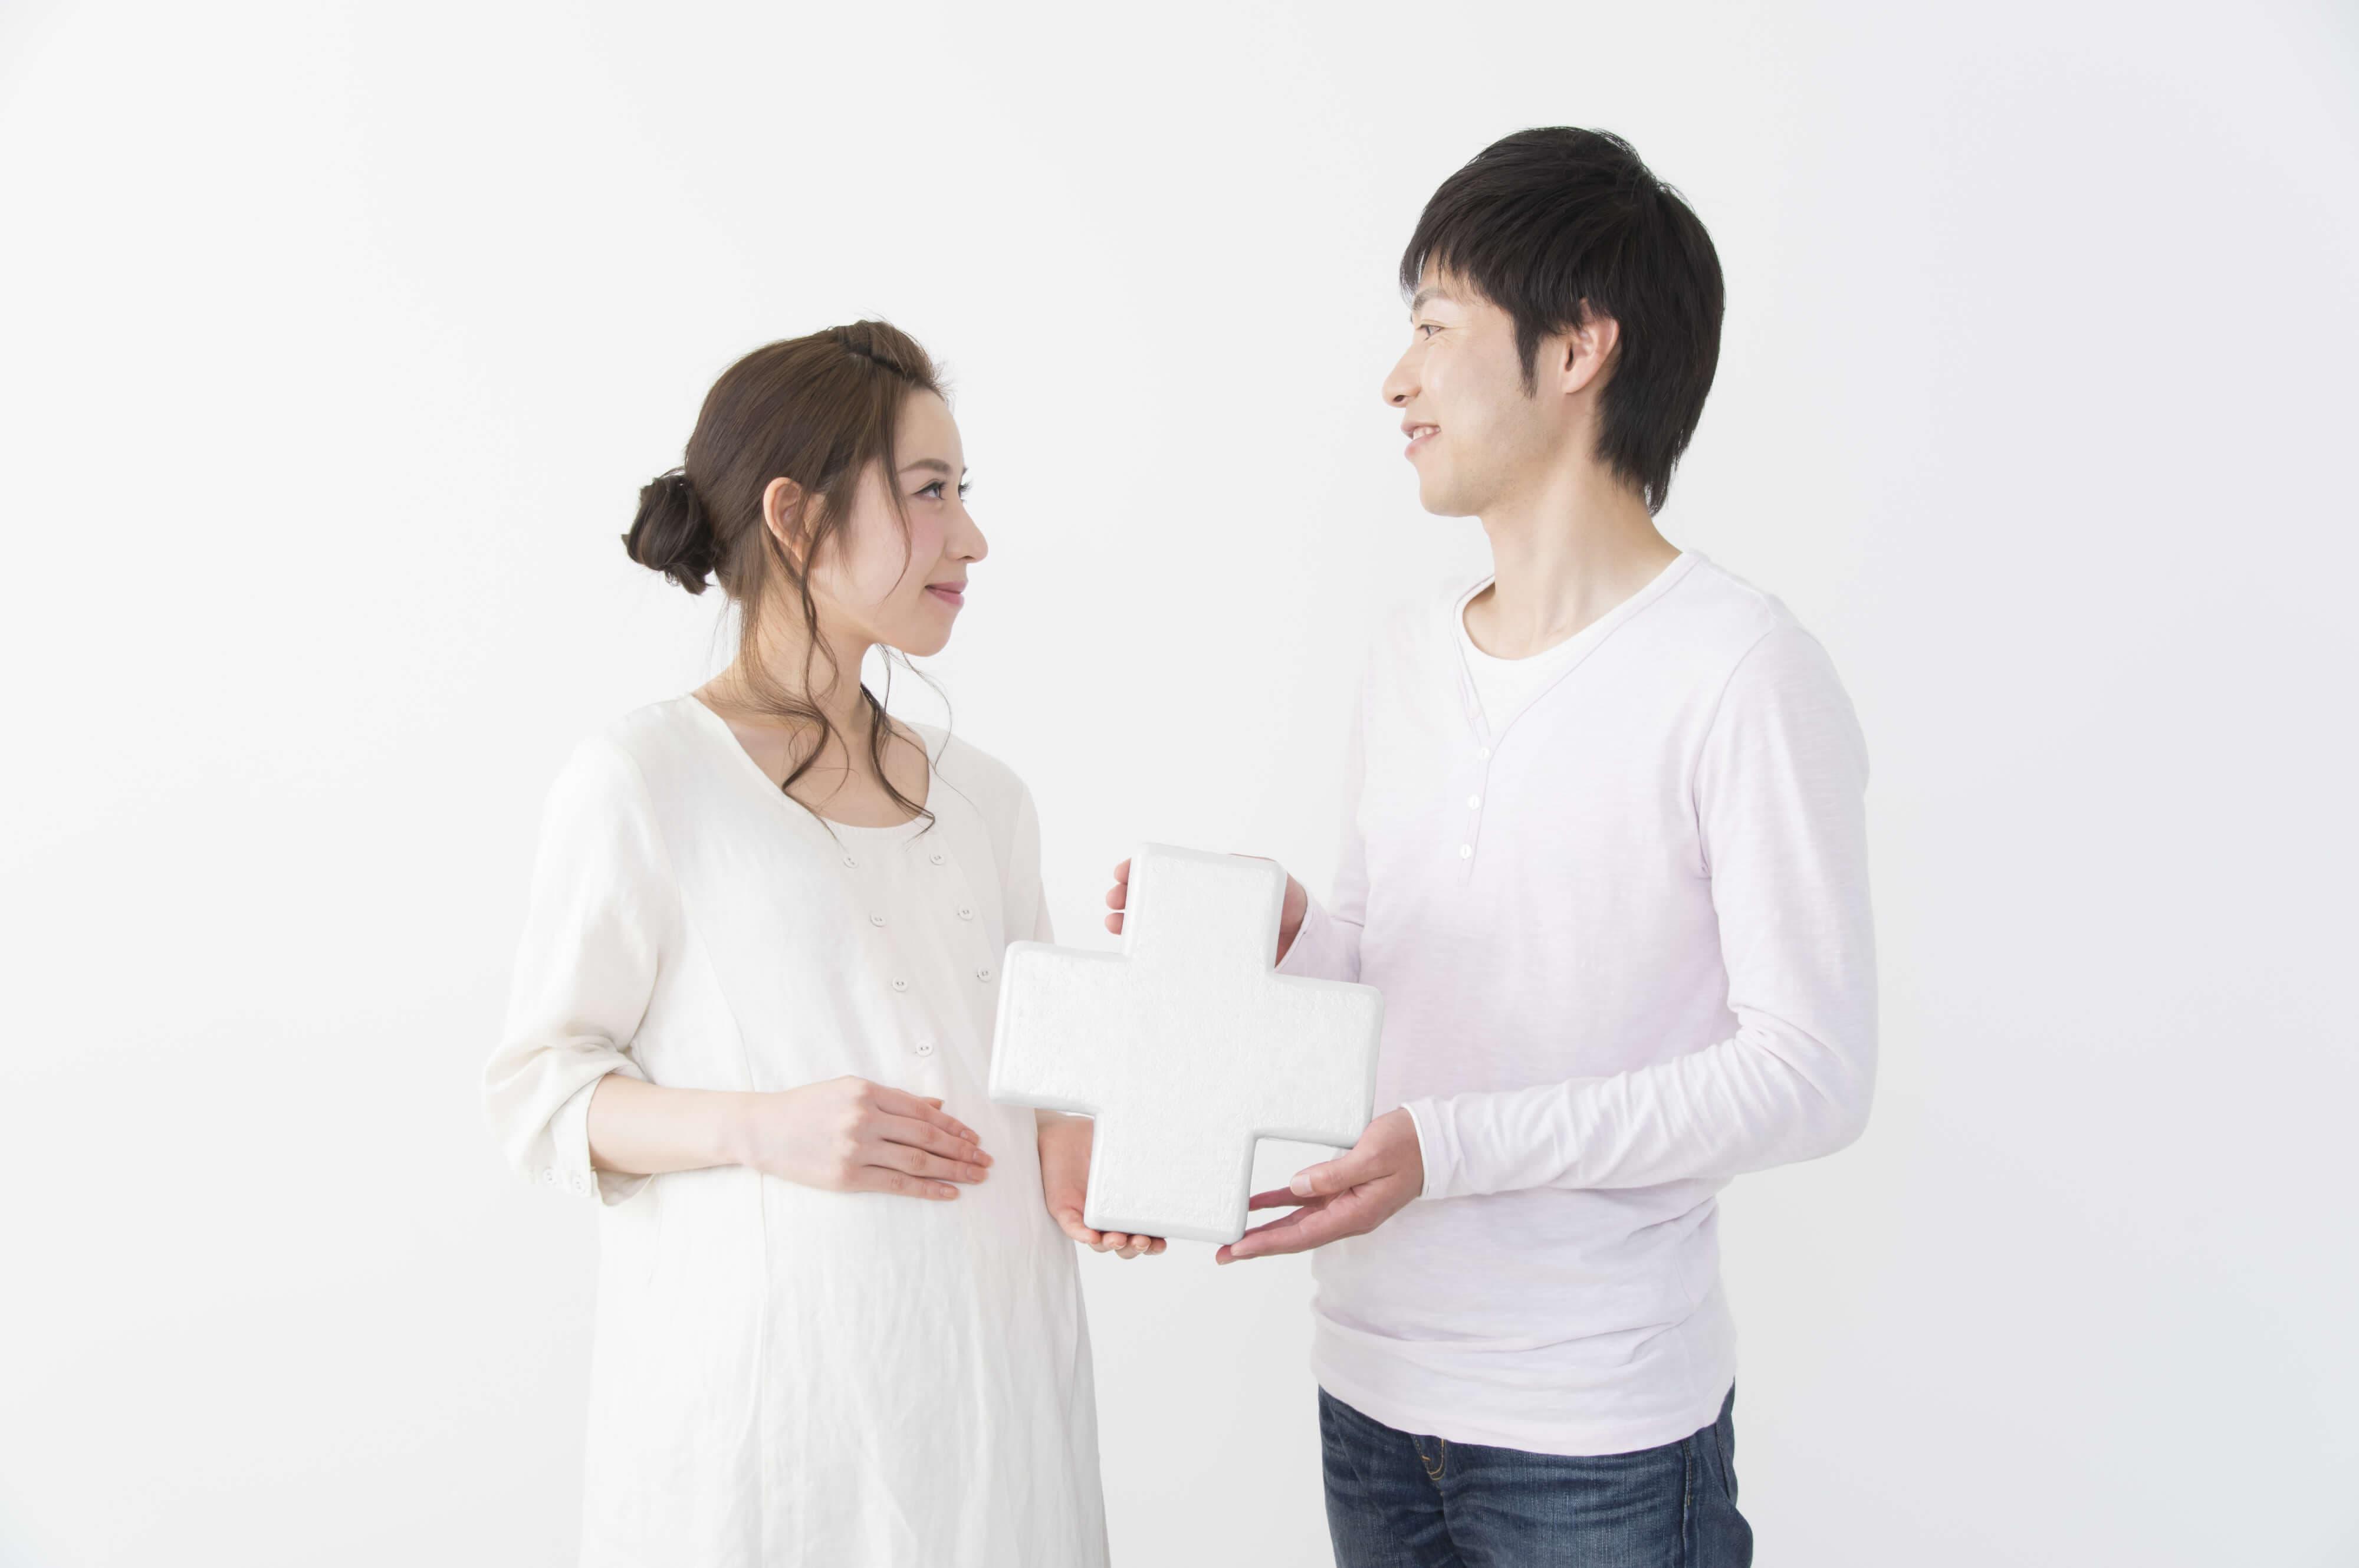 【男性編】自然妊娠は可能?男性不妊の治療と費用